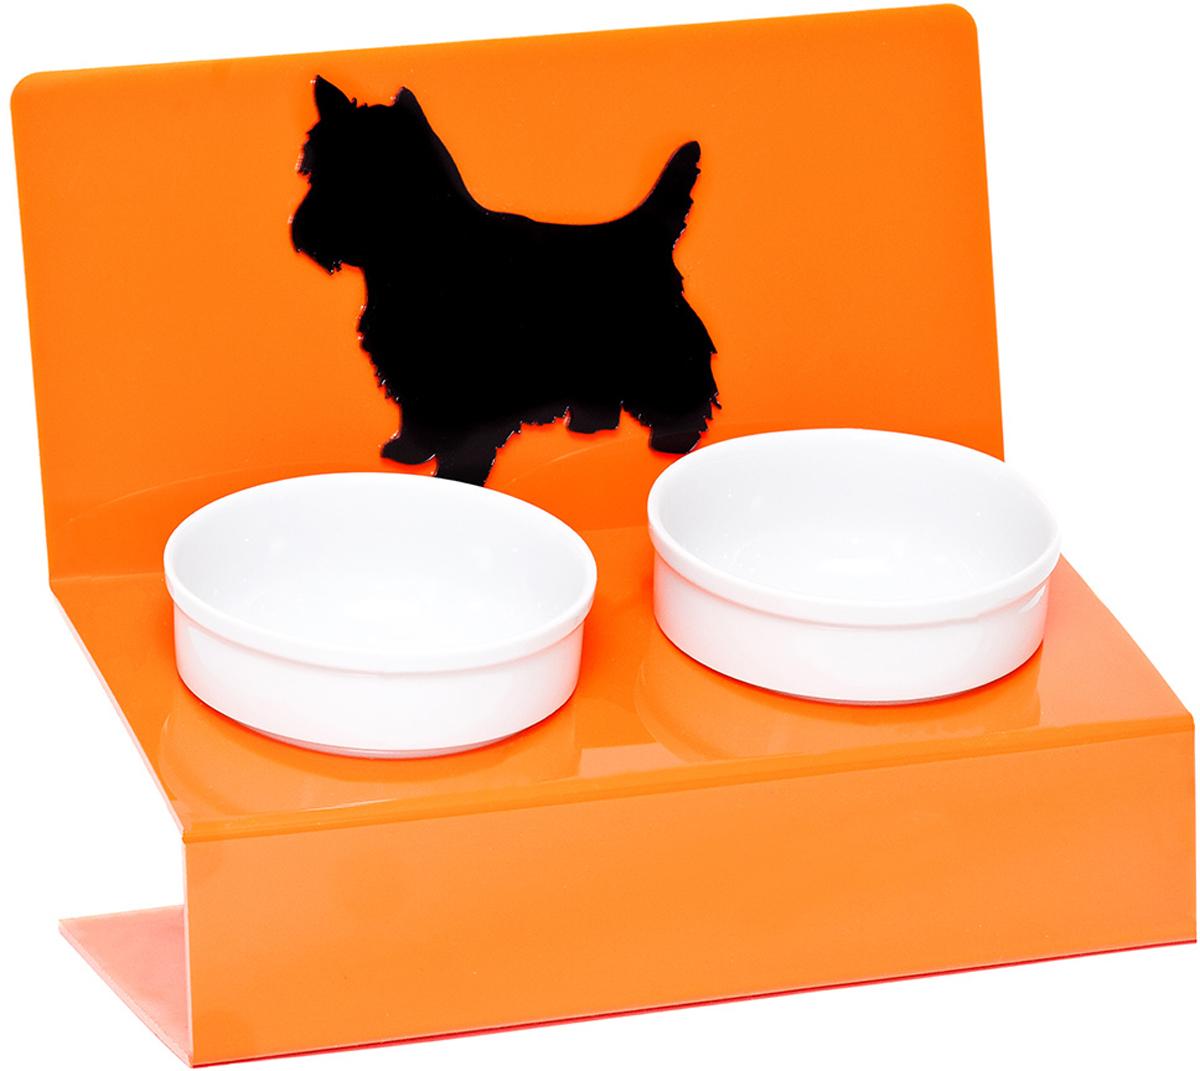 Миска для животных Artmiska Любимая собачка, двойная, на подставке, цвет: оранжевый, 2 х 350 млЛ-4Artmiska - это фарфоровые миски на дизайнерской подставке, которые созданы специально для кошек и собак мелких пород.Высота подставки и угол ее наклона максимально обеспечивают правильное положение тела кошки или собаки при кормлении.Оптимальная высота и угол наклона подставки, форма и объем миски эффективно снижают разбрасывание корма домашним питомцем.Artmiska подходят для всех кошек и собакам мелких пород – той-терьерам, шпицам, йоркширским терьерам, карликовым пинчерам, чихуахуа и другим. Объем каждой миски: 350 мл.